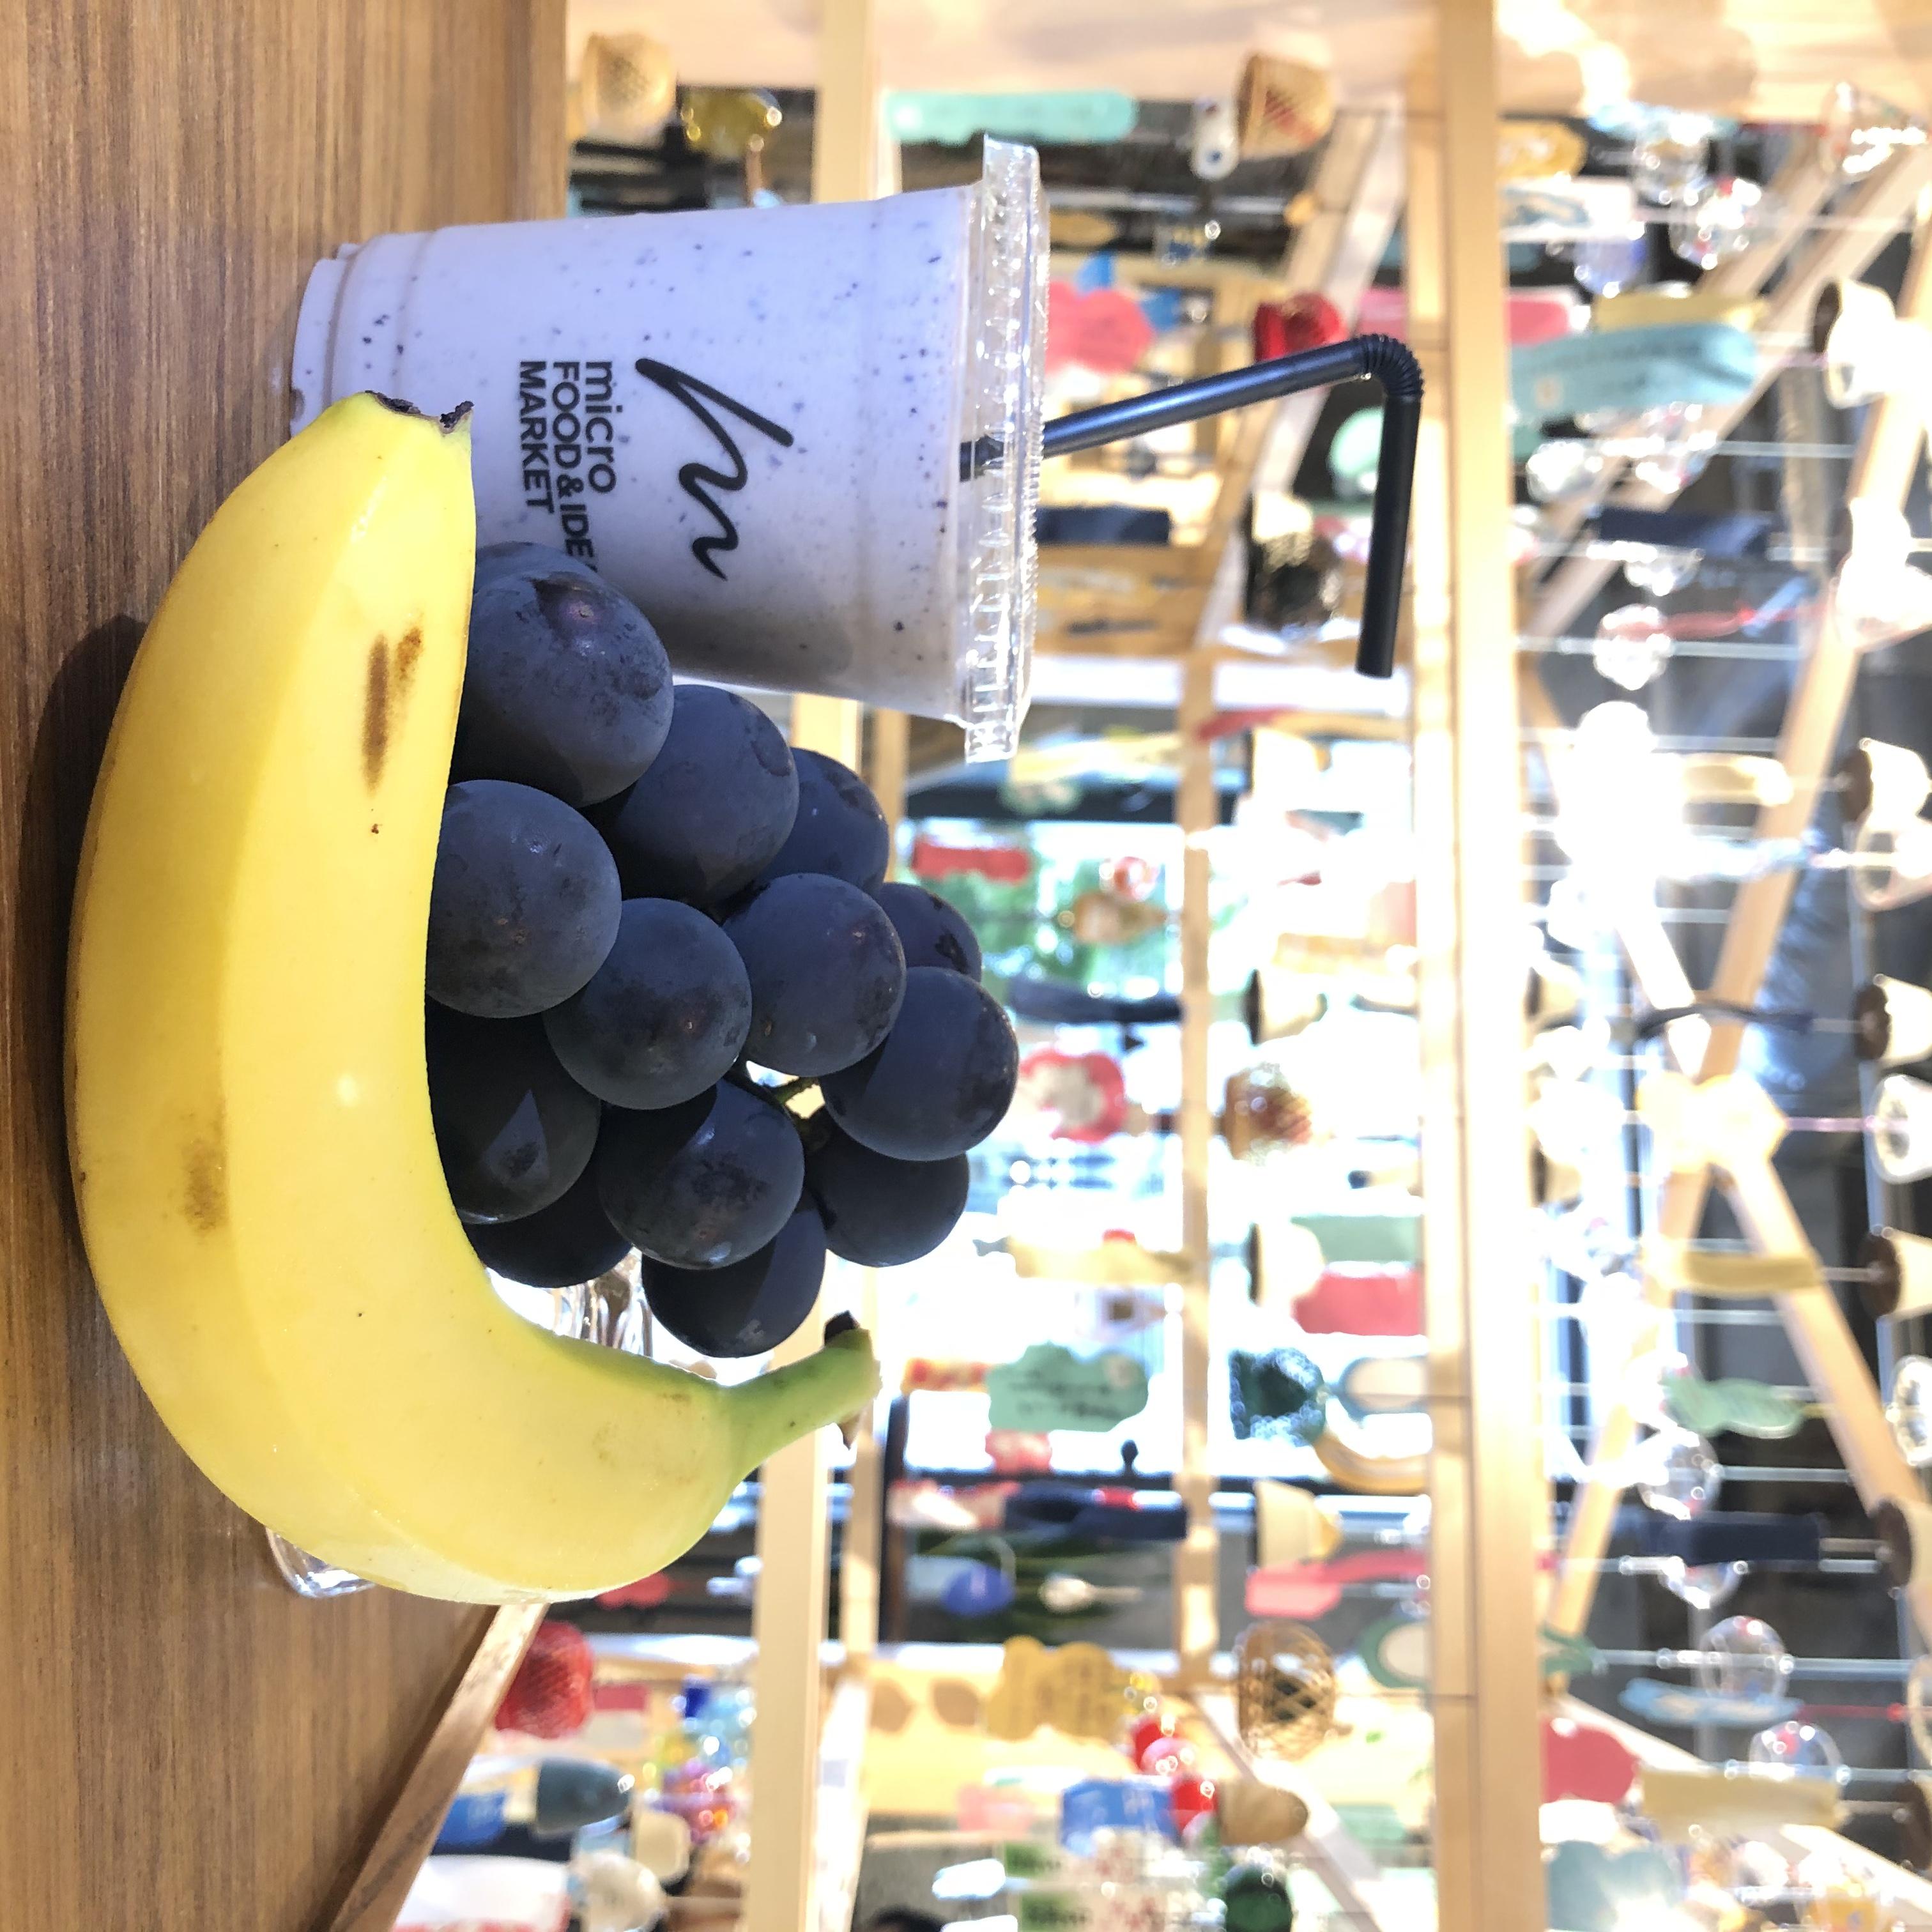 【新商品のお知らせ】9月フレッシュスムージーの厳選素材は「巨峰」!のイメージ画像